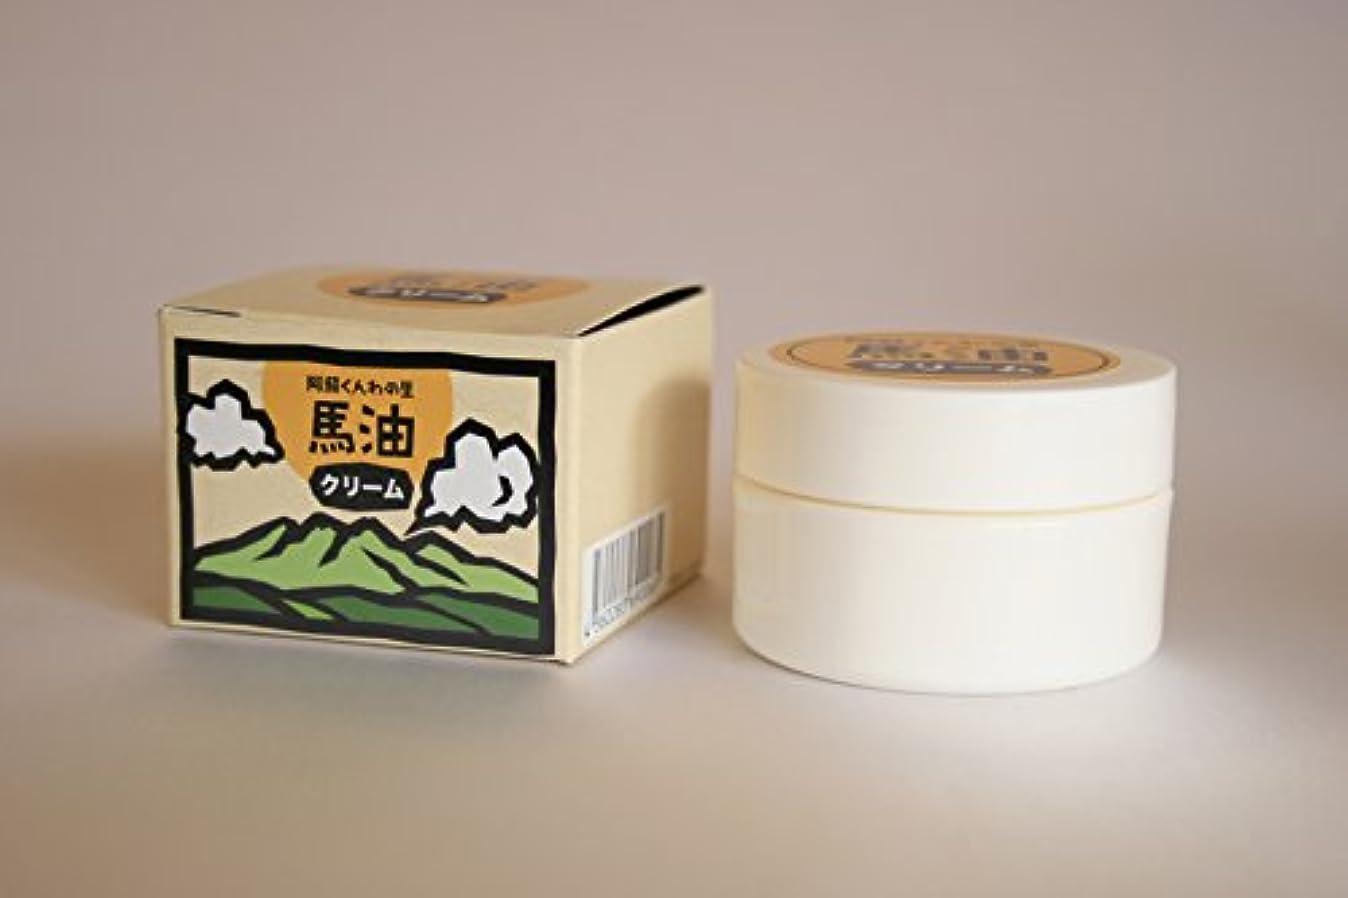 すきパイル酸化するかかと肌荒れ防止 馬油クリーム30g 12個セット